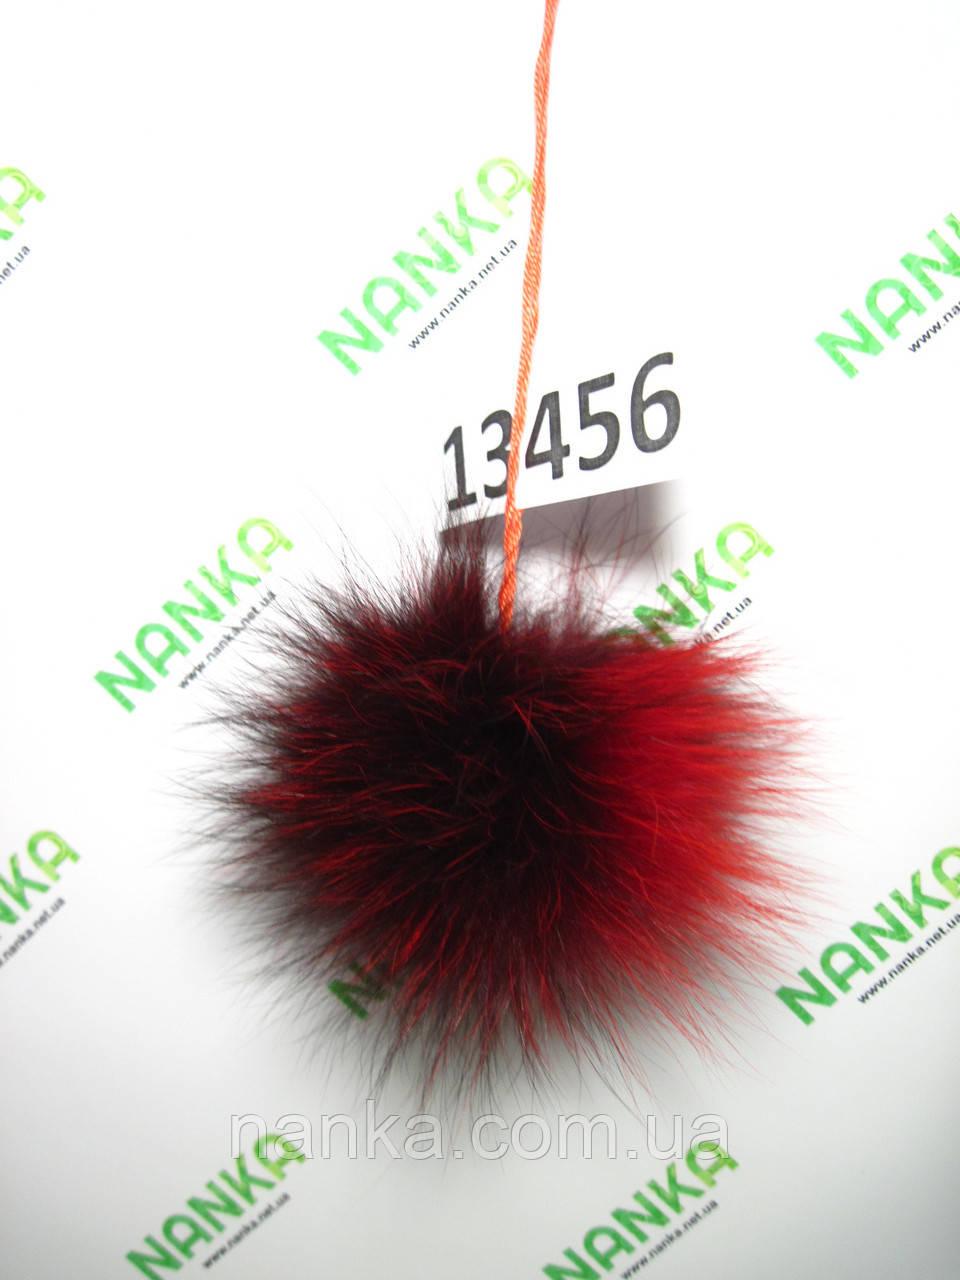 Меховой помпон Чернобурка, Красный, 11 см, 13456